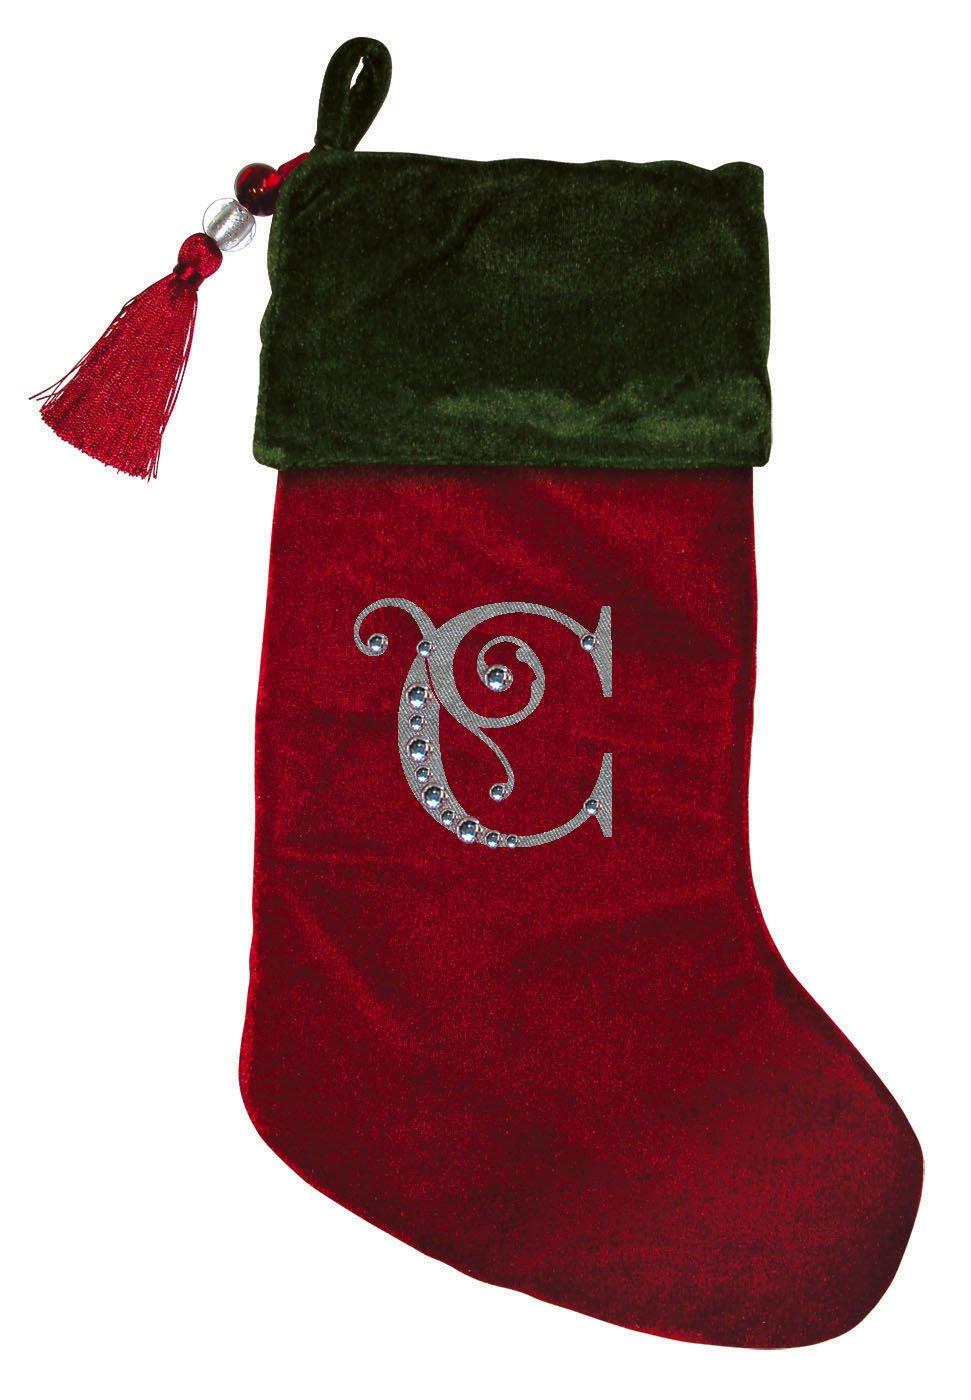 Christmas Stocking Red & Green Velvet With Tassel, Rhinestone Monogram E Evergreen